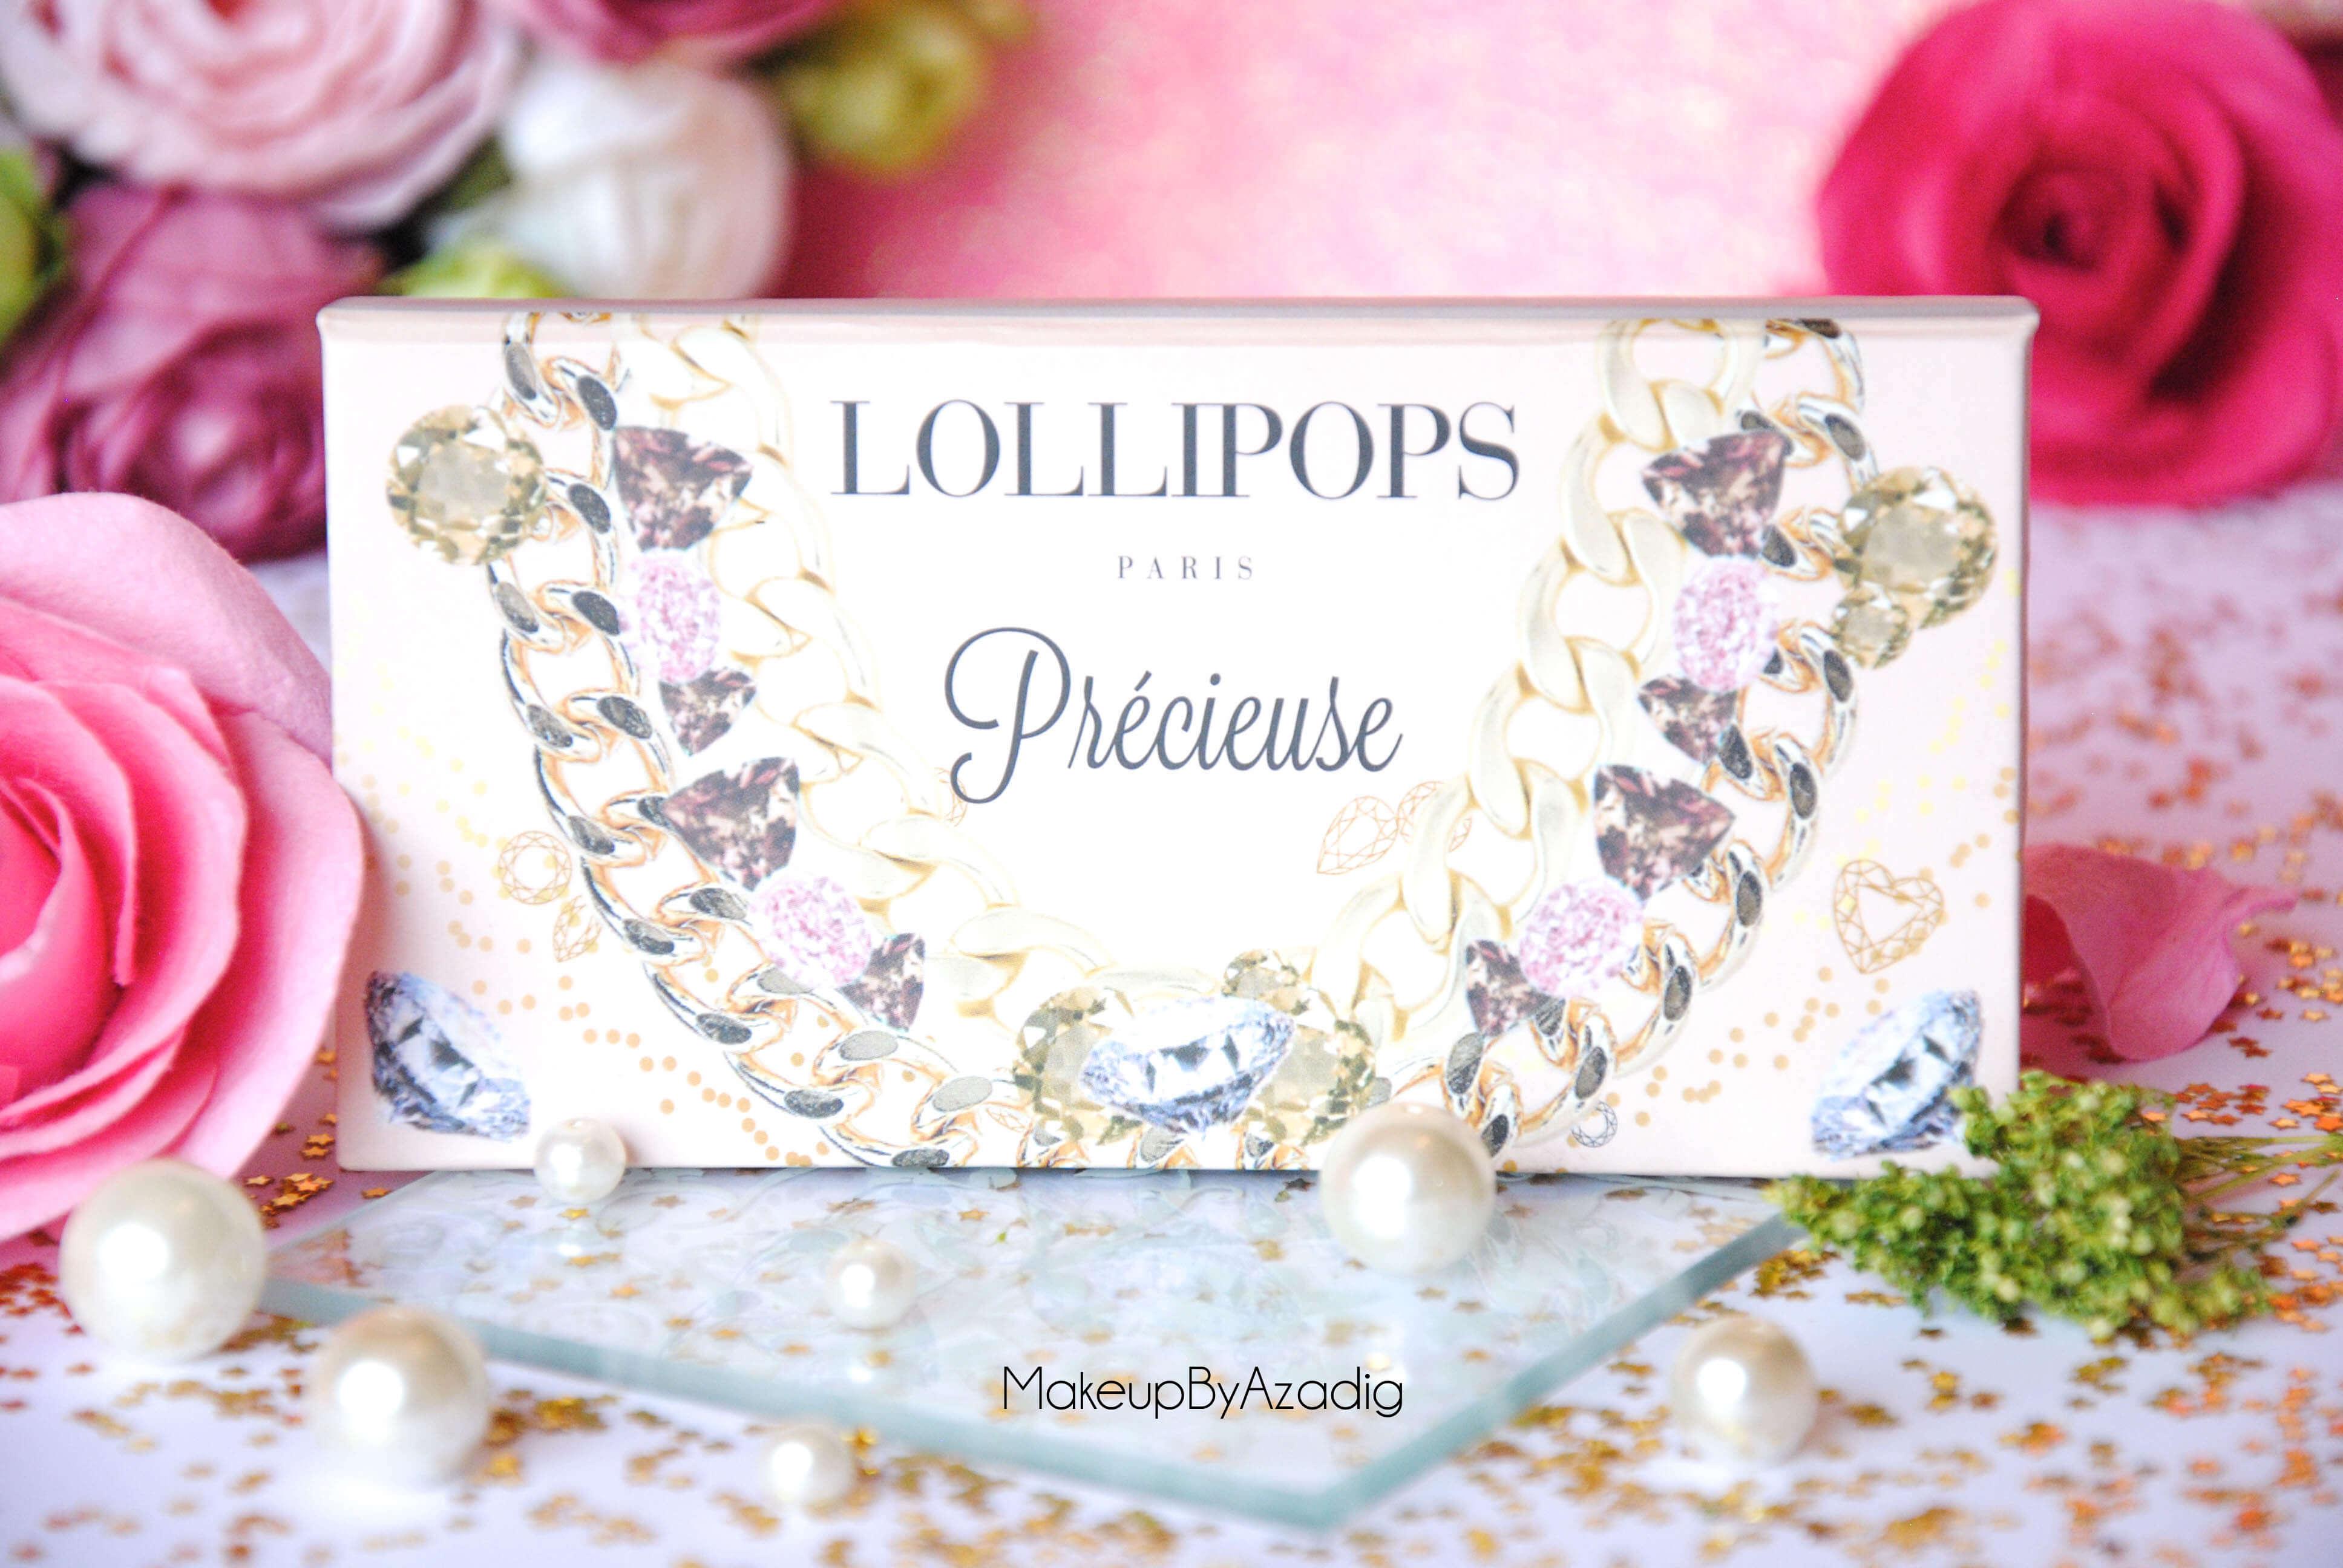 makeupbyazadig-palette-fards-paupieres-lollipops-paris-precieuse-monoprix-sephora-troyes-blog-revue-minuature